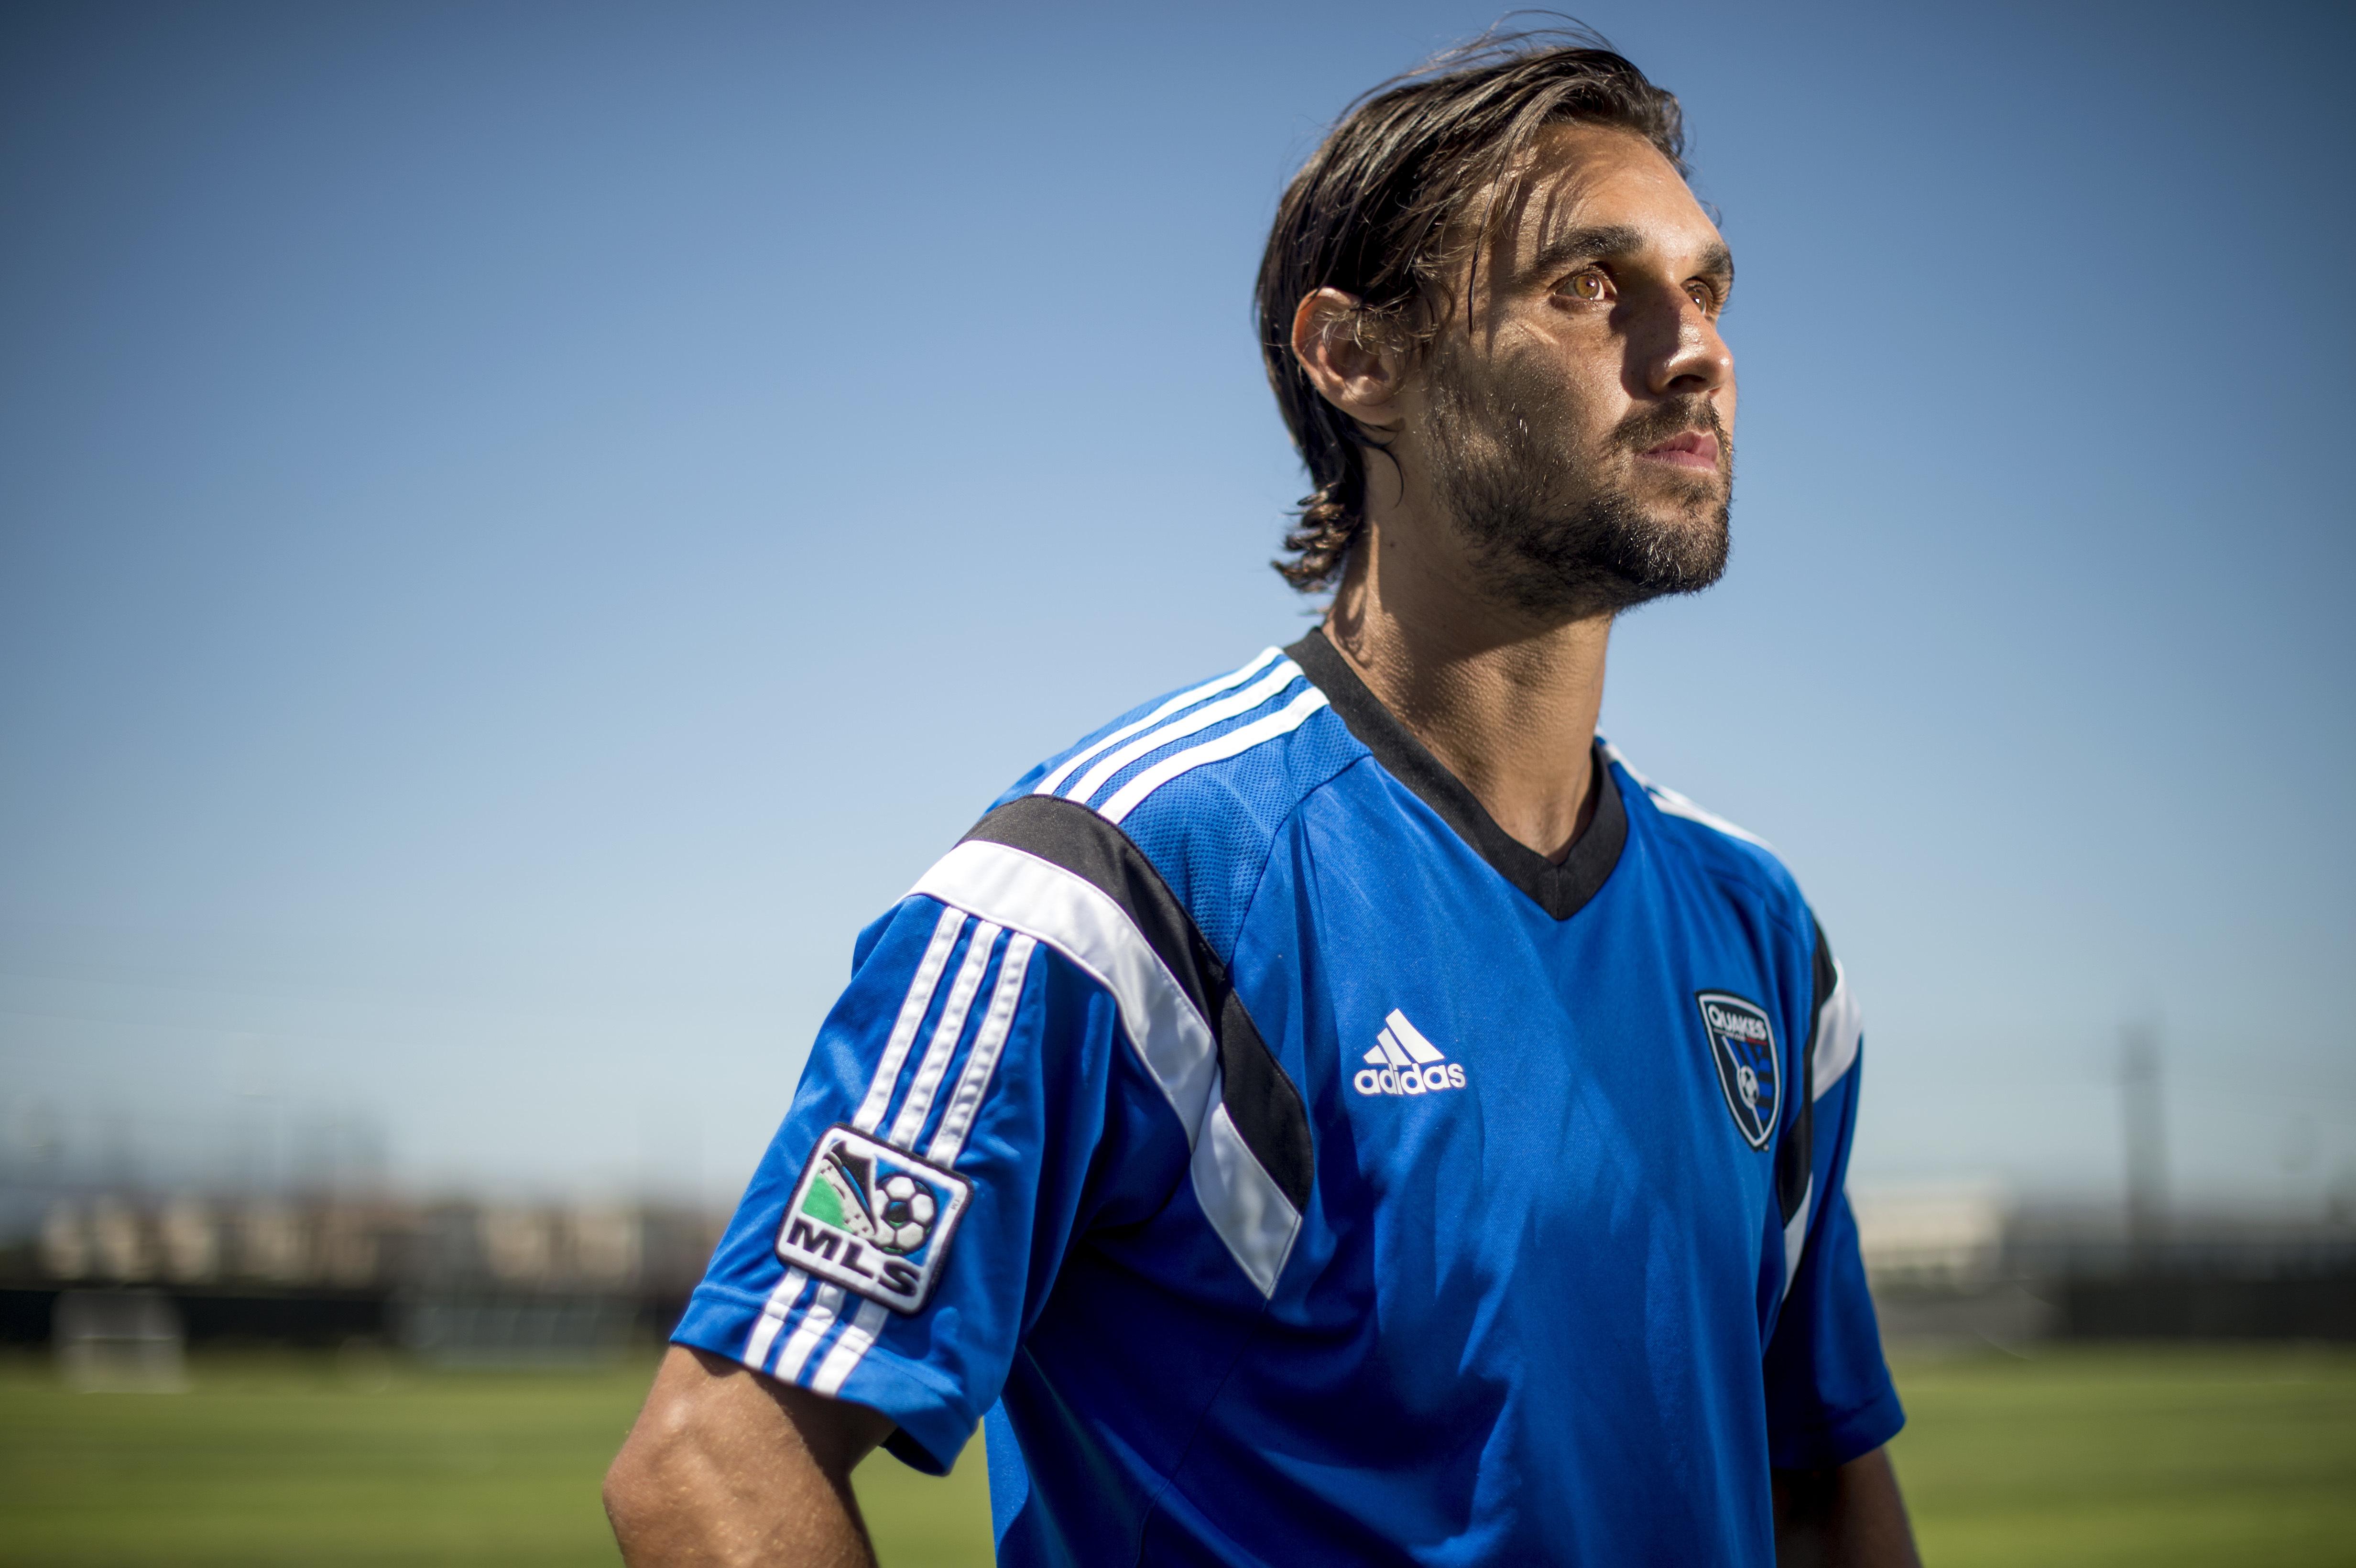 Earthquakes star Chris Wondolowski chases MLS goals record